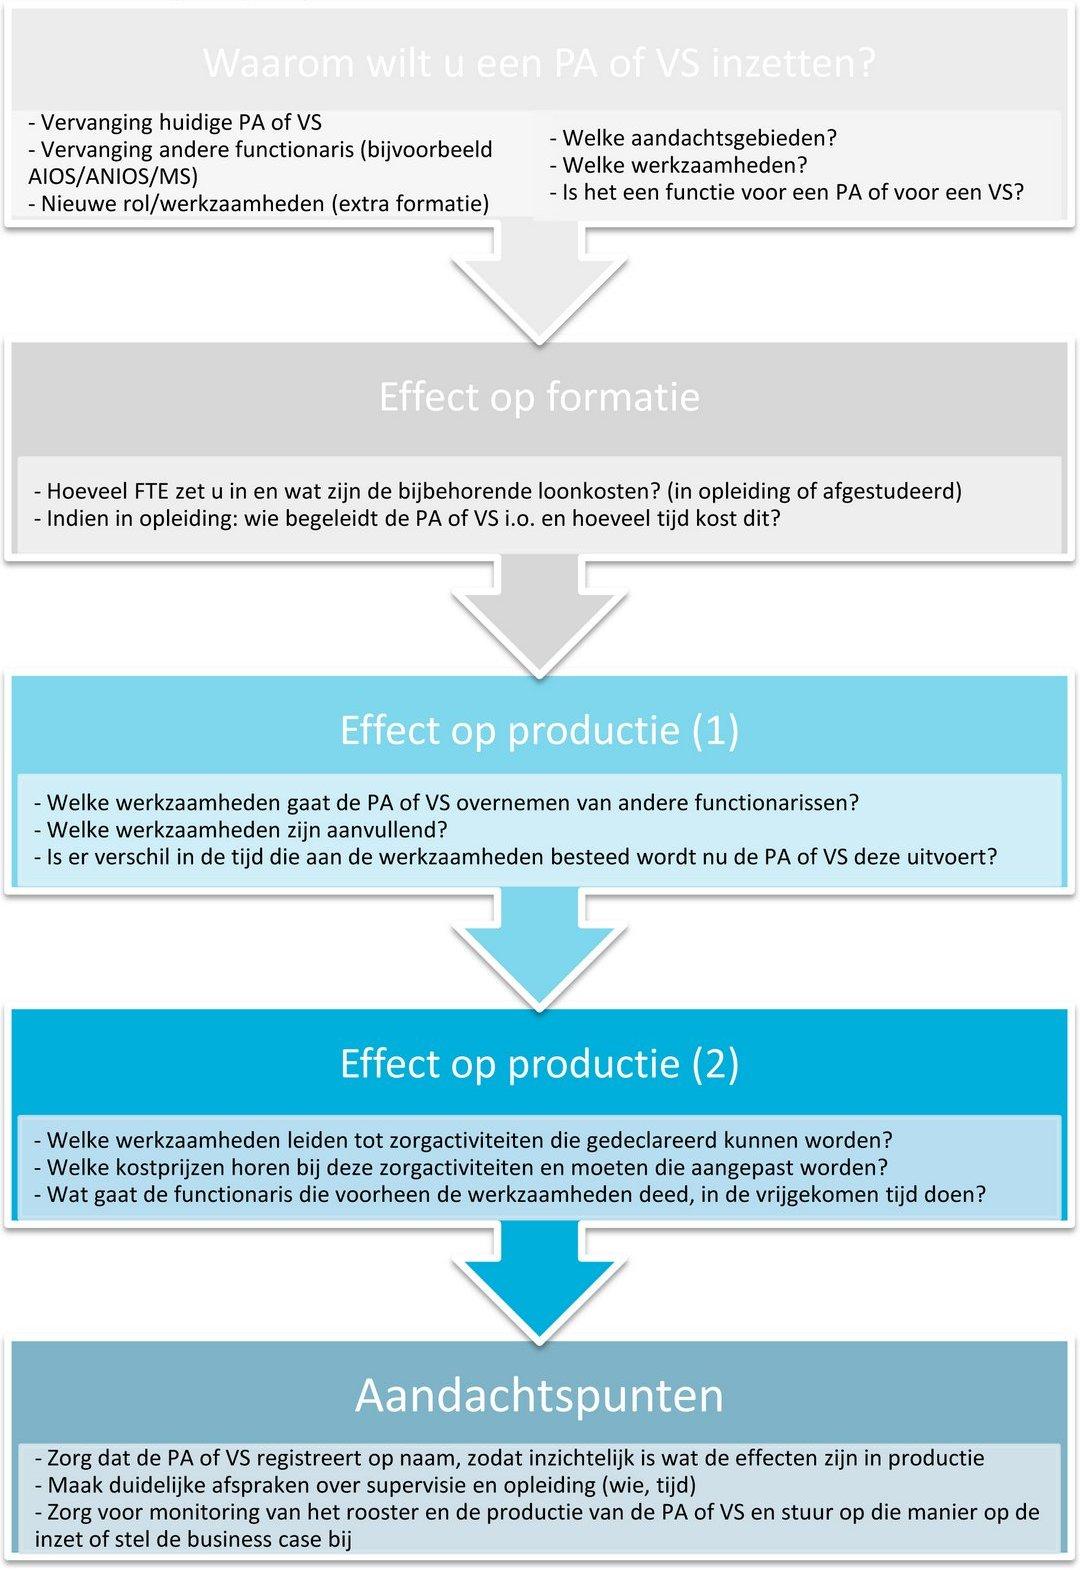 De financiële effecten van taakherschikking - Bijlage 1: Toolbox voor inzet PA en VS